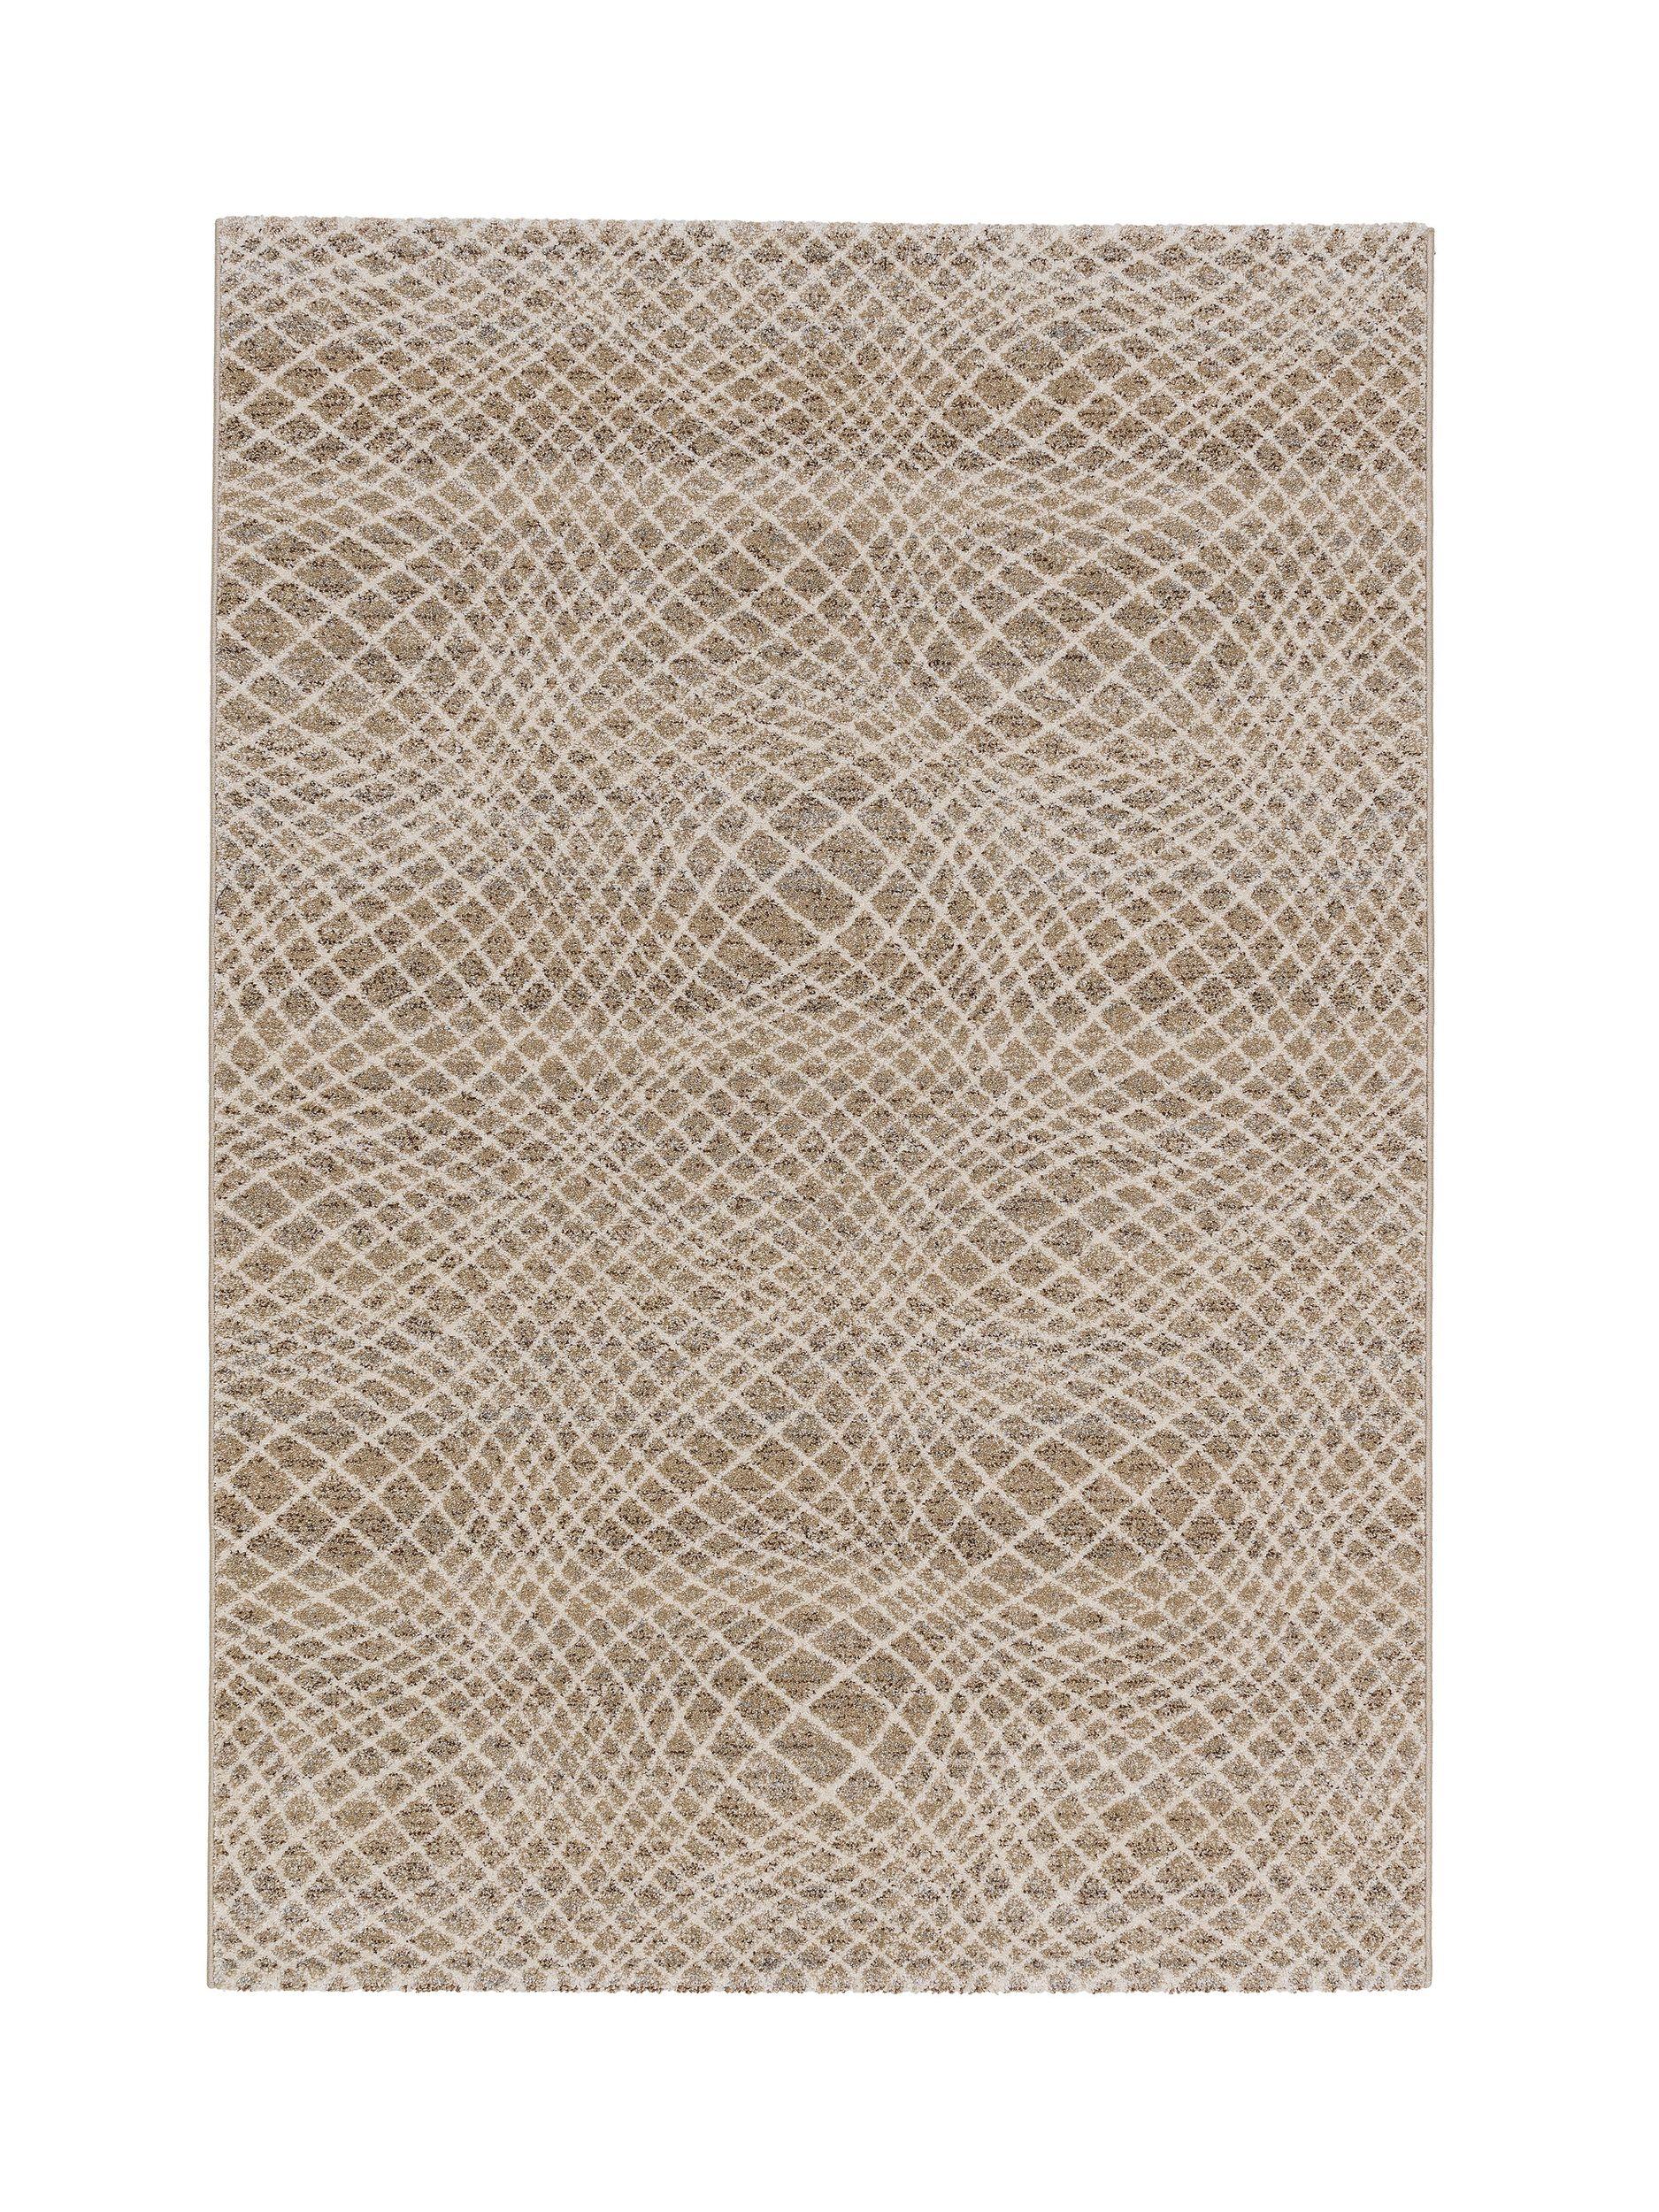 Teppich 80x150cm wm CARPI GITTER